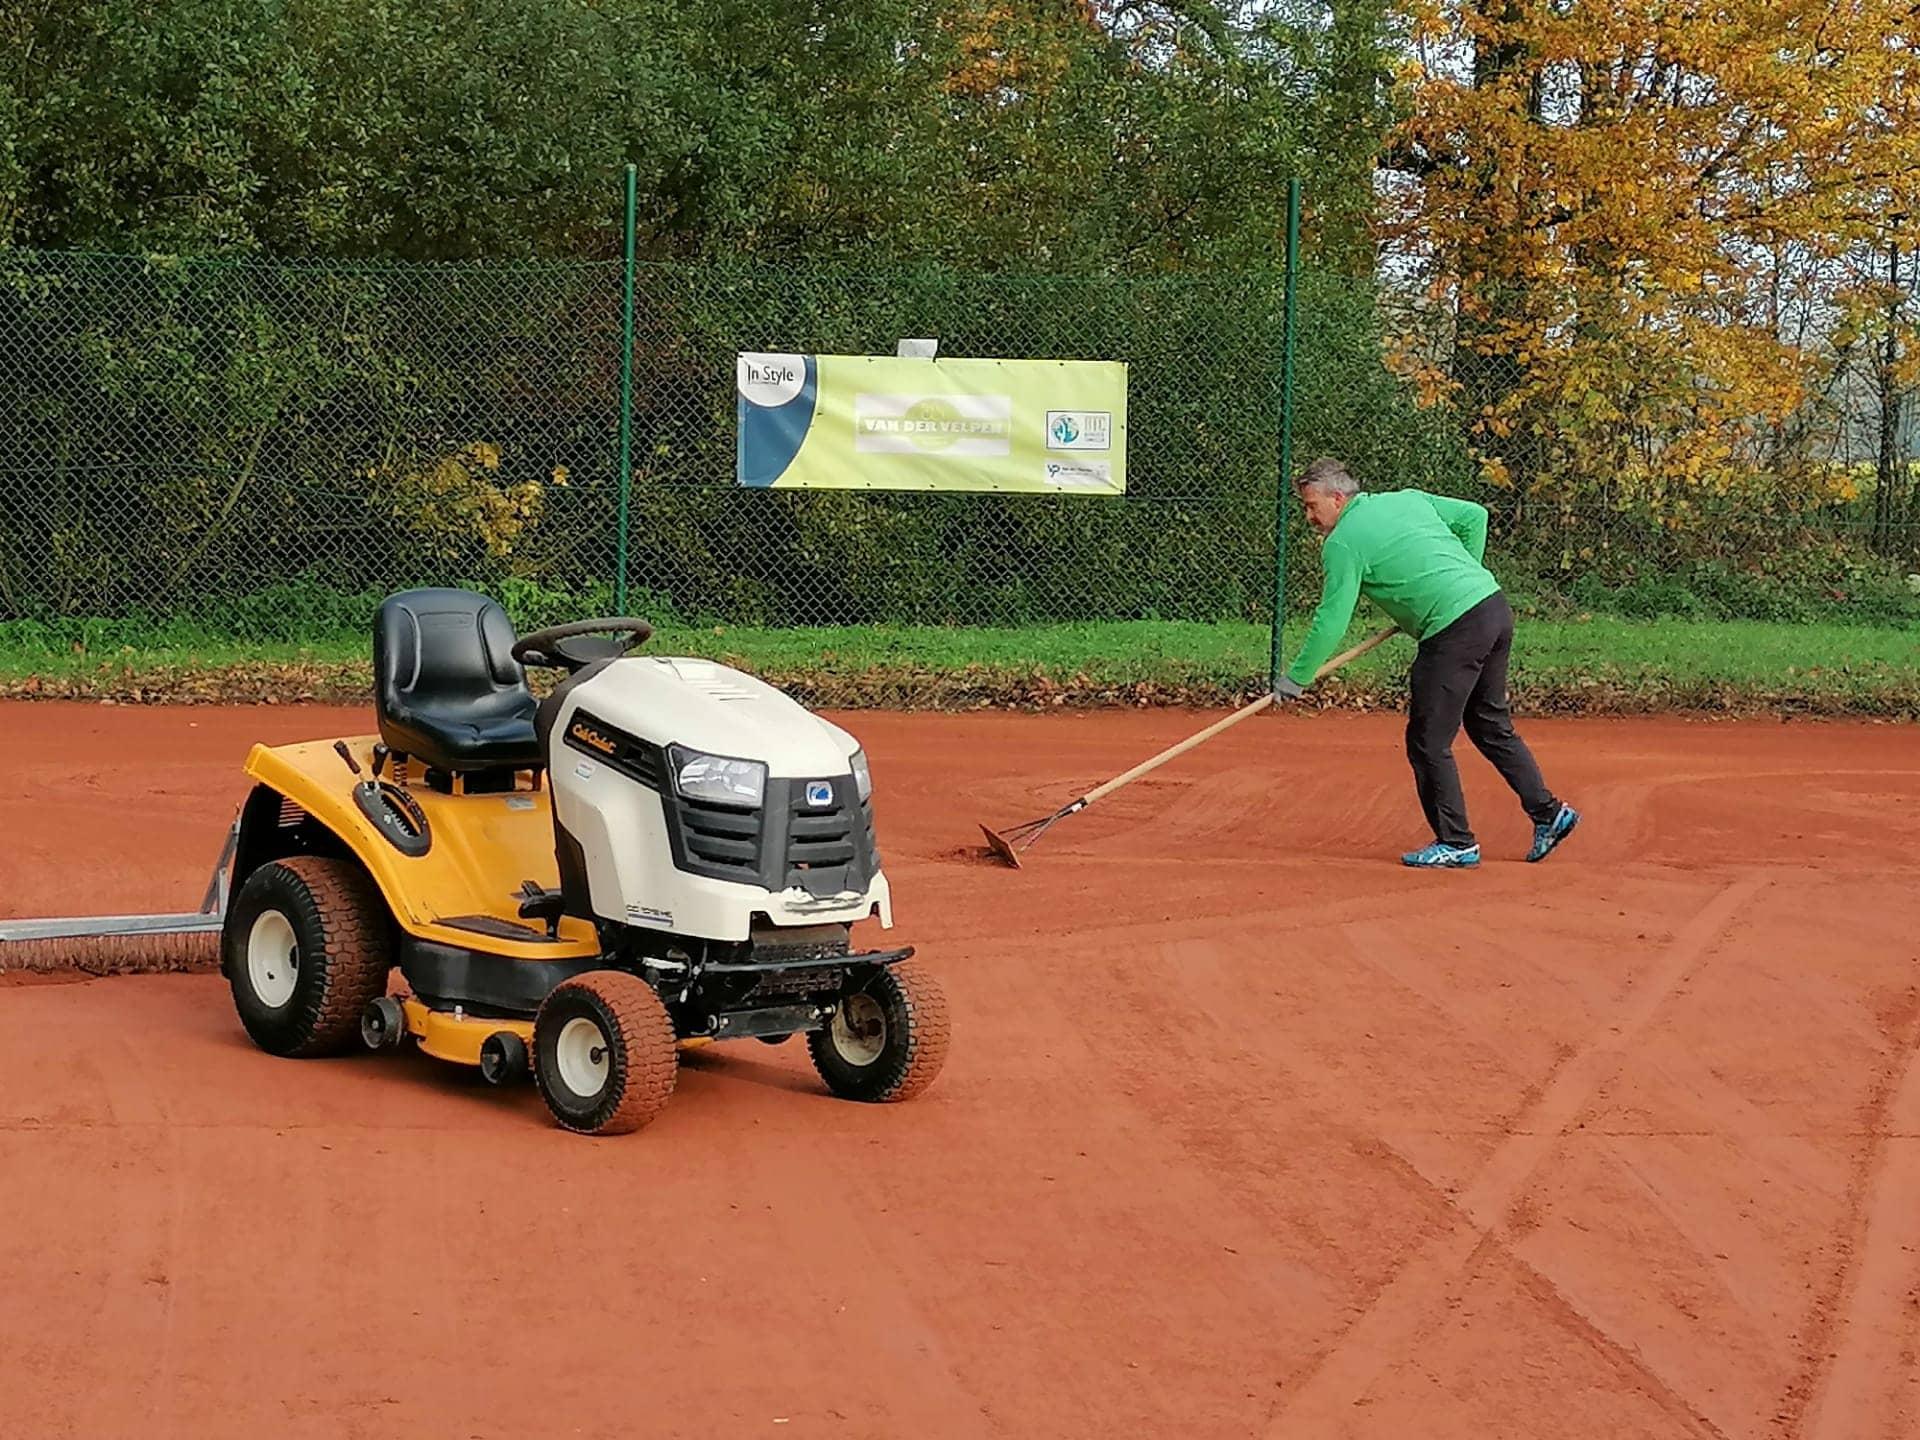 Bierbeekse Tennisclub innoveert op ecologische manier